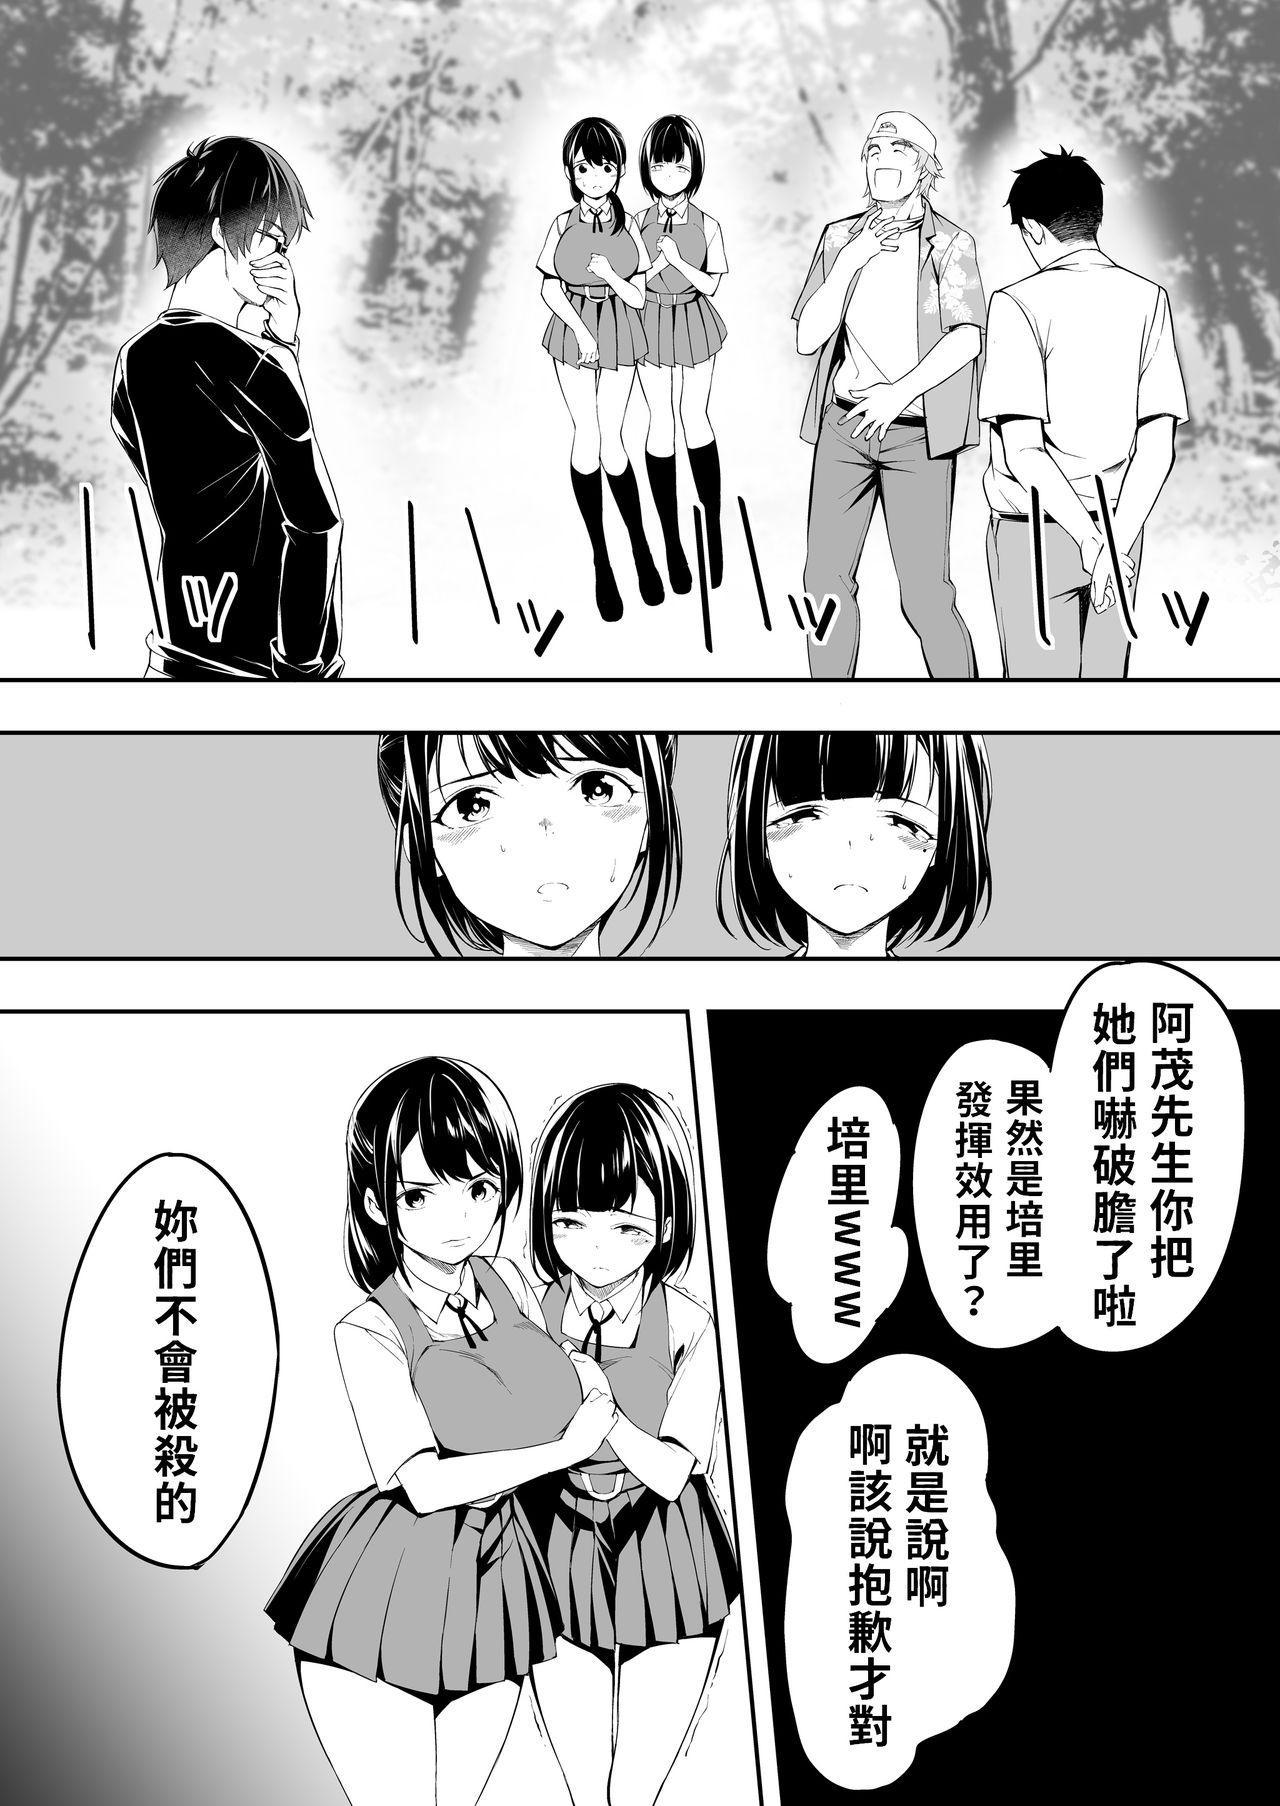 Panpan Travelers Hakata Shuudan Rape Ryokou | 吃飯兼炒飯TRAVELERS~博多集團強●旅行 56